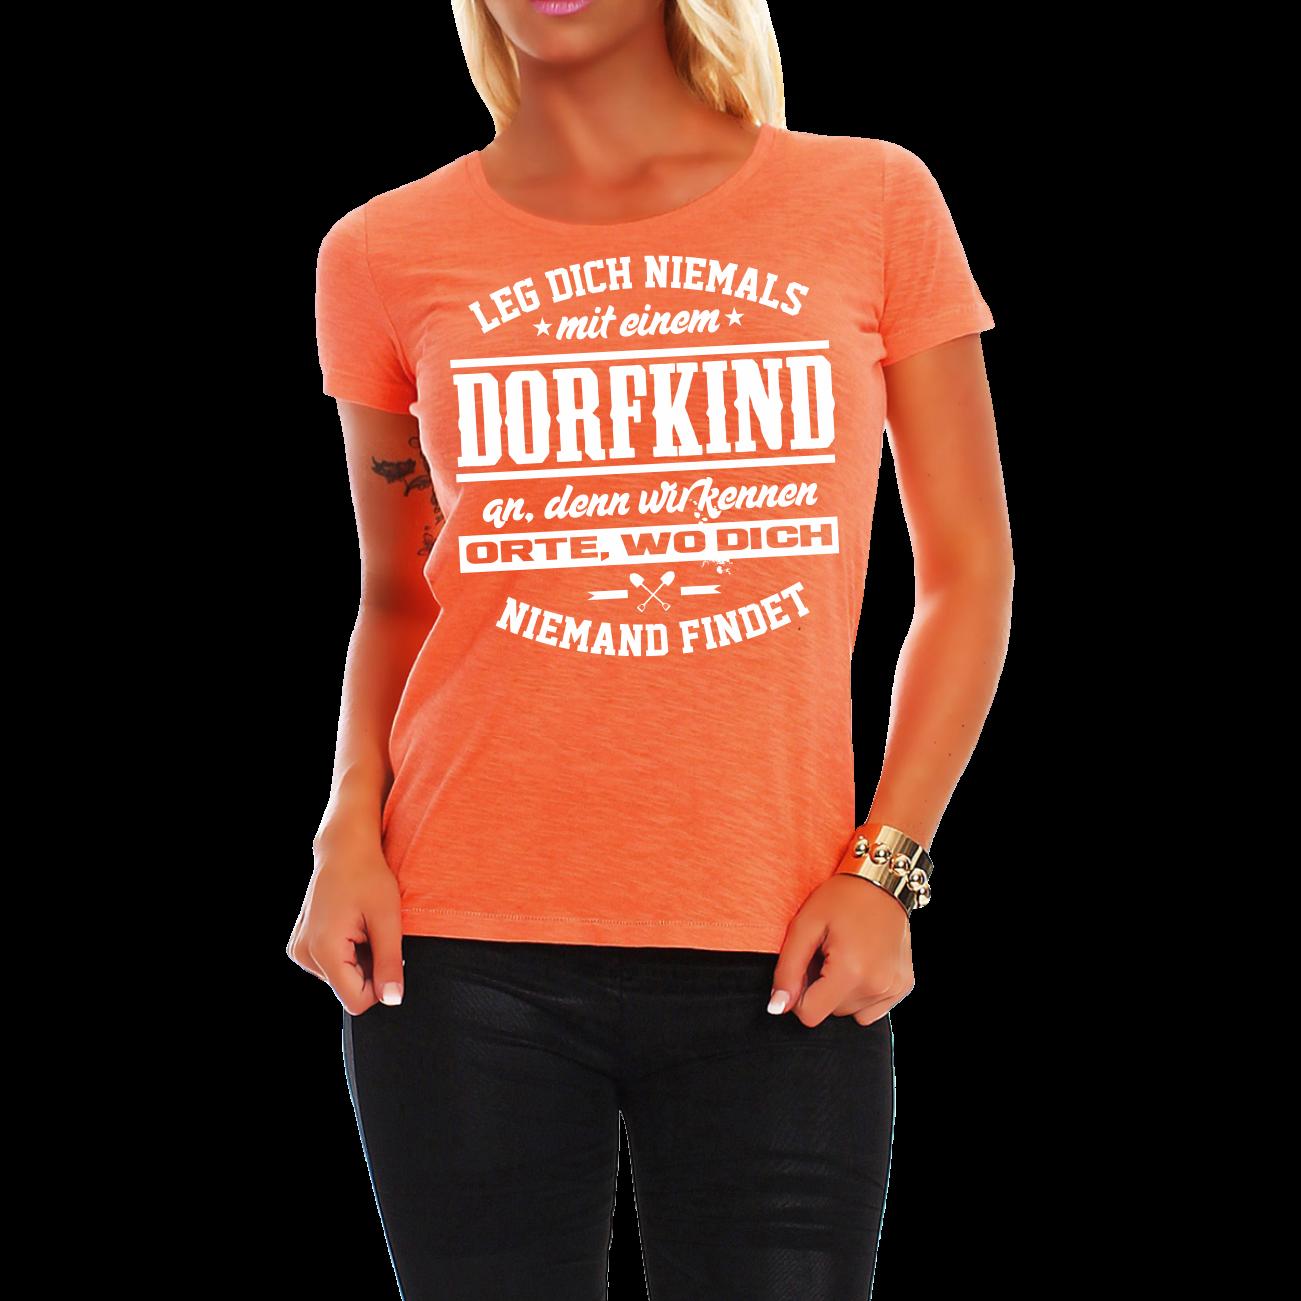 6cec437722a95 Frauen Damen T-Shirt Dorfkind Spruch Fun Spaß Lustig Witzig Geschenk ...